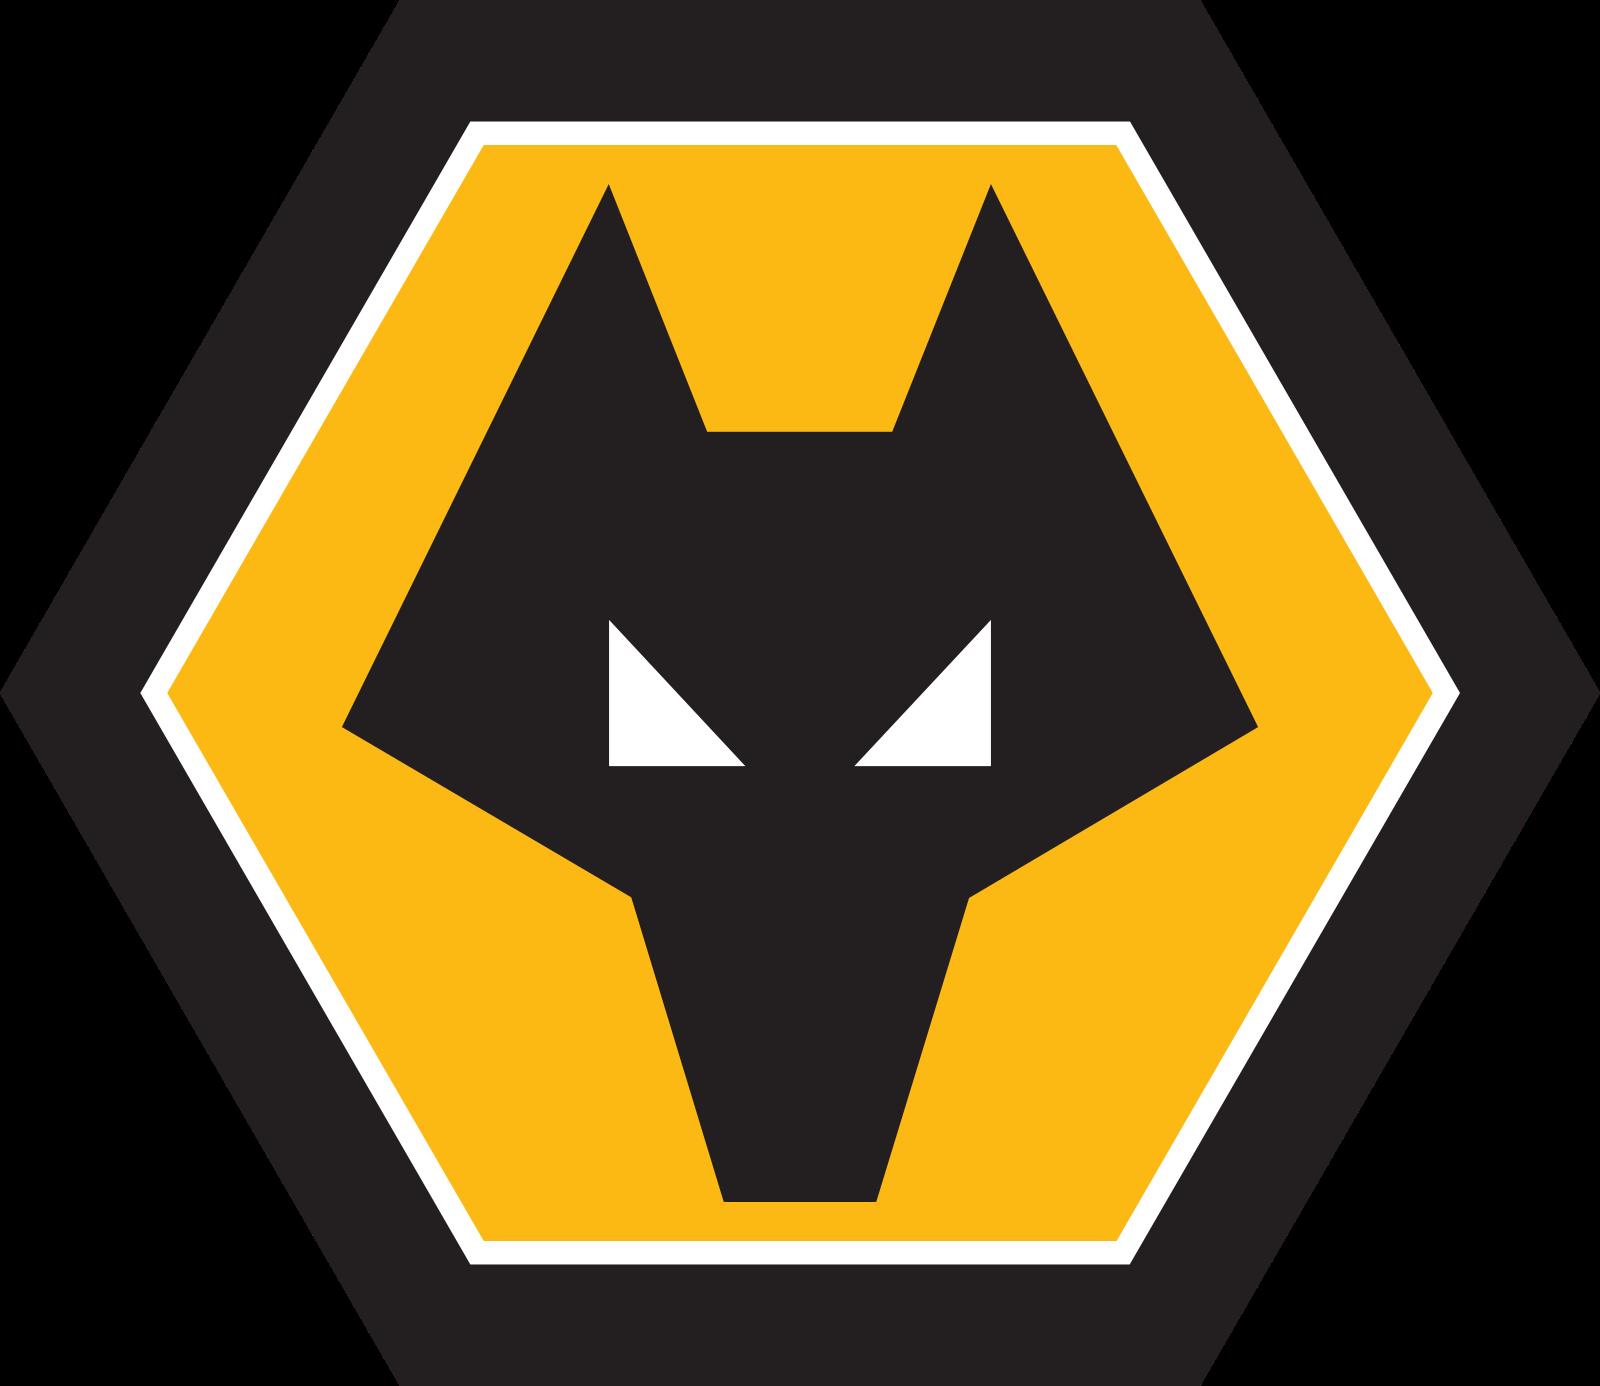 wolverhampton-logo-escudo-2